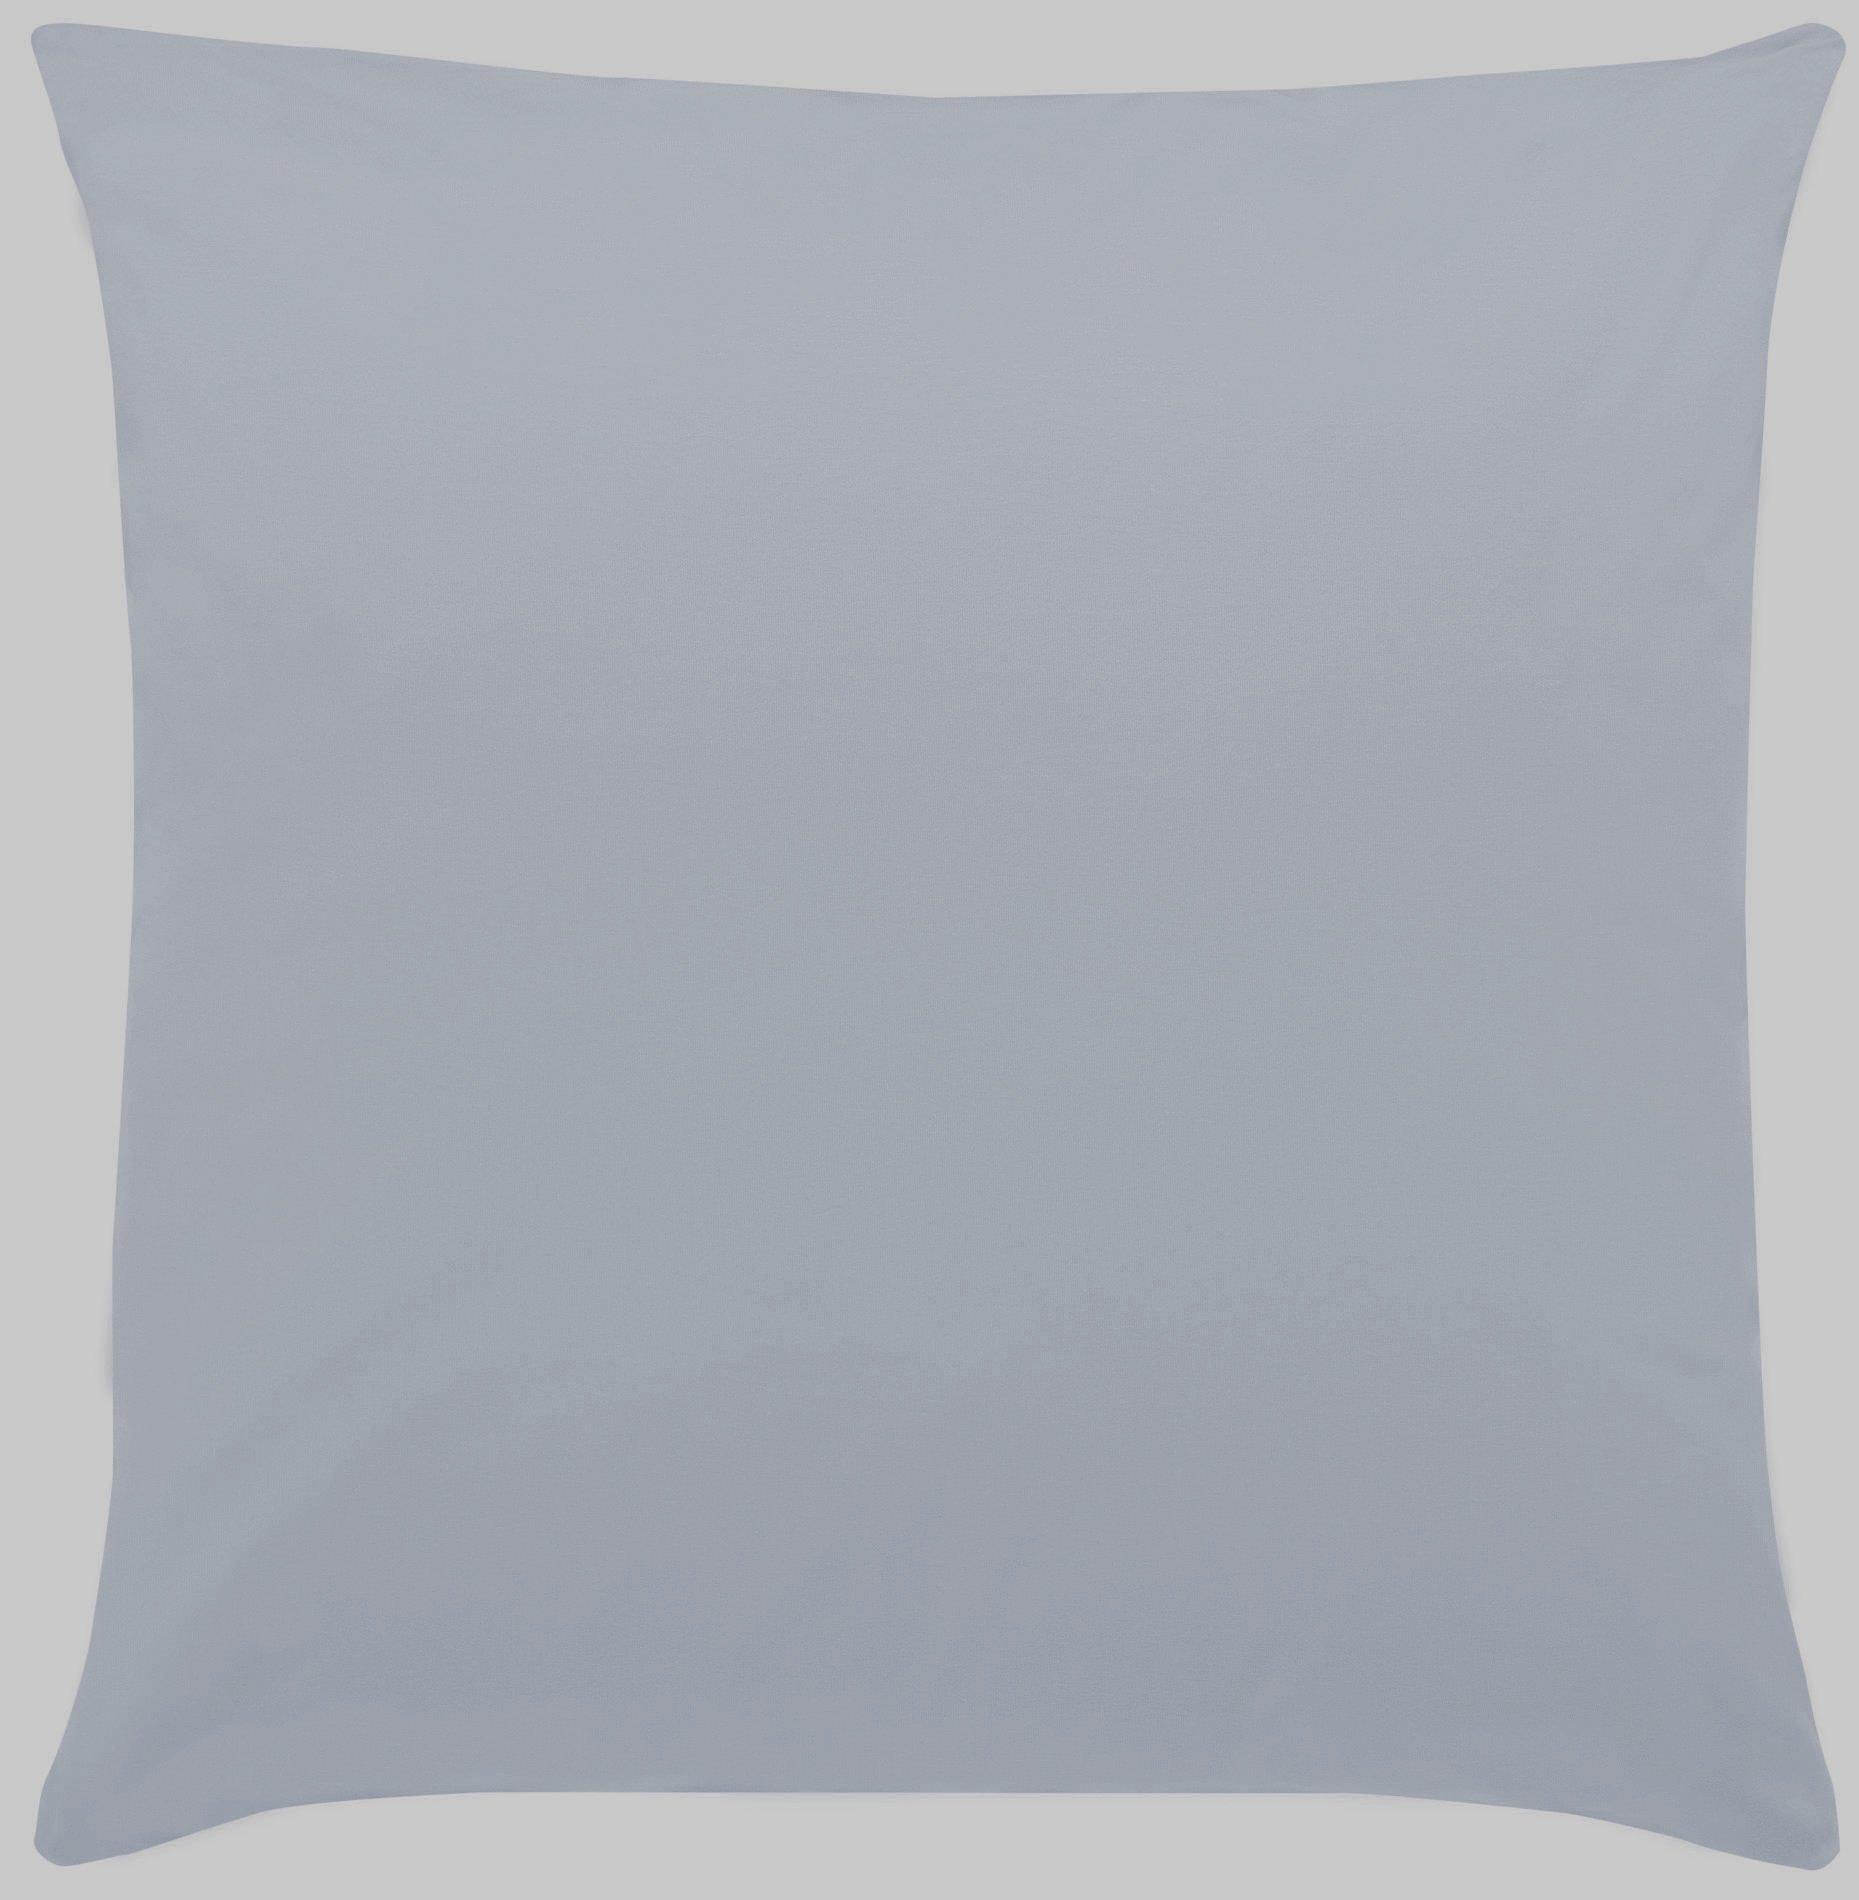 Edel-Zwirn-Jersey eisblau B80cm